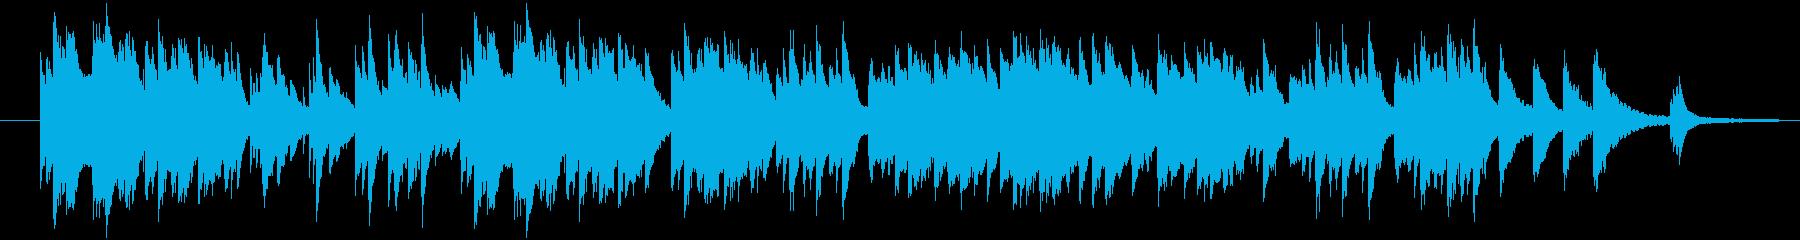 様々な用途で使える穏やかで温かなピアノ曲の再生済みの波形